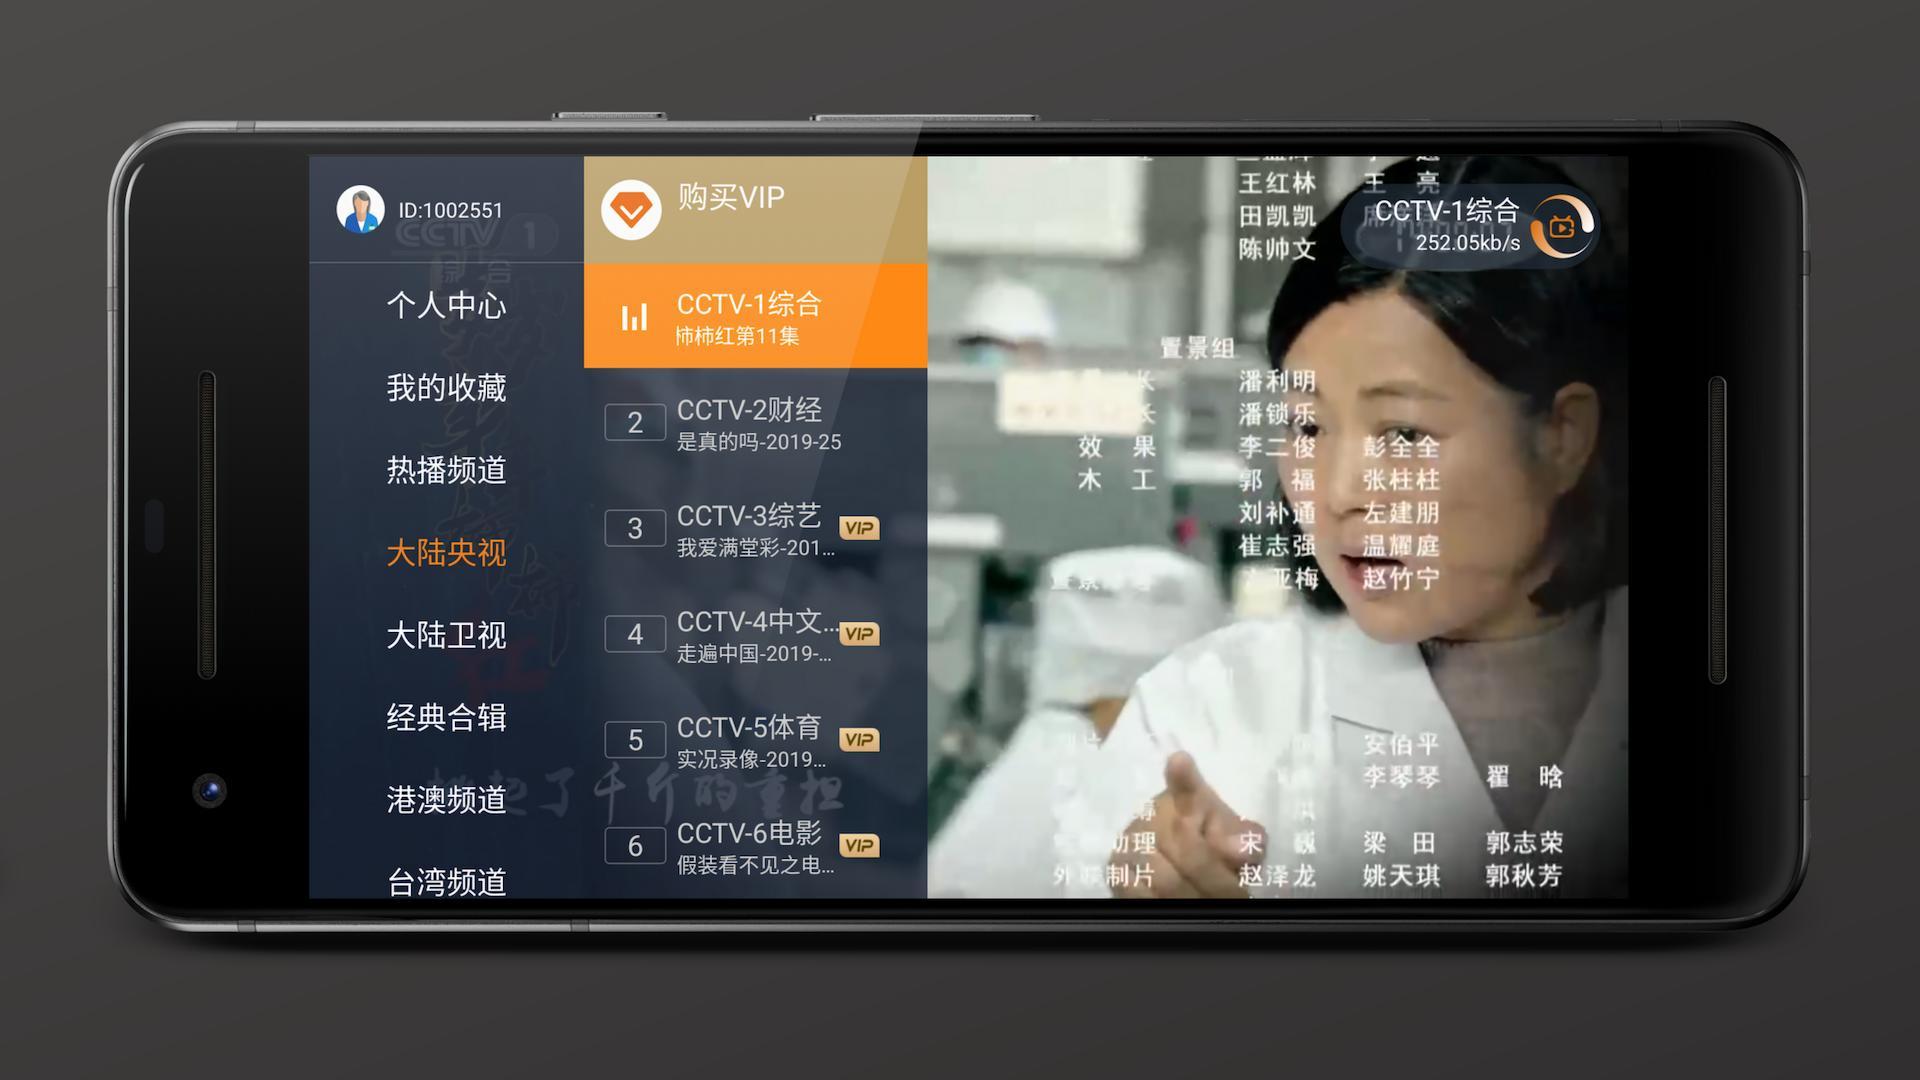 ChinaTV for TV - FREE IPTV China, Hongkong, Taiwan for